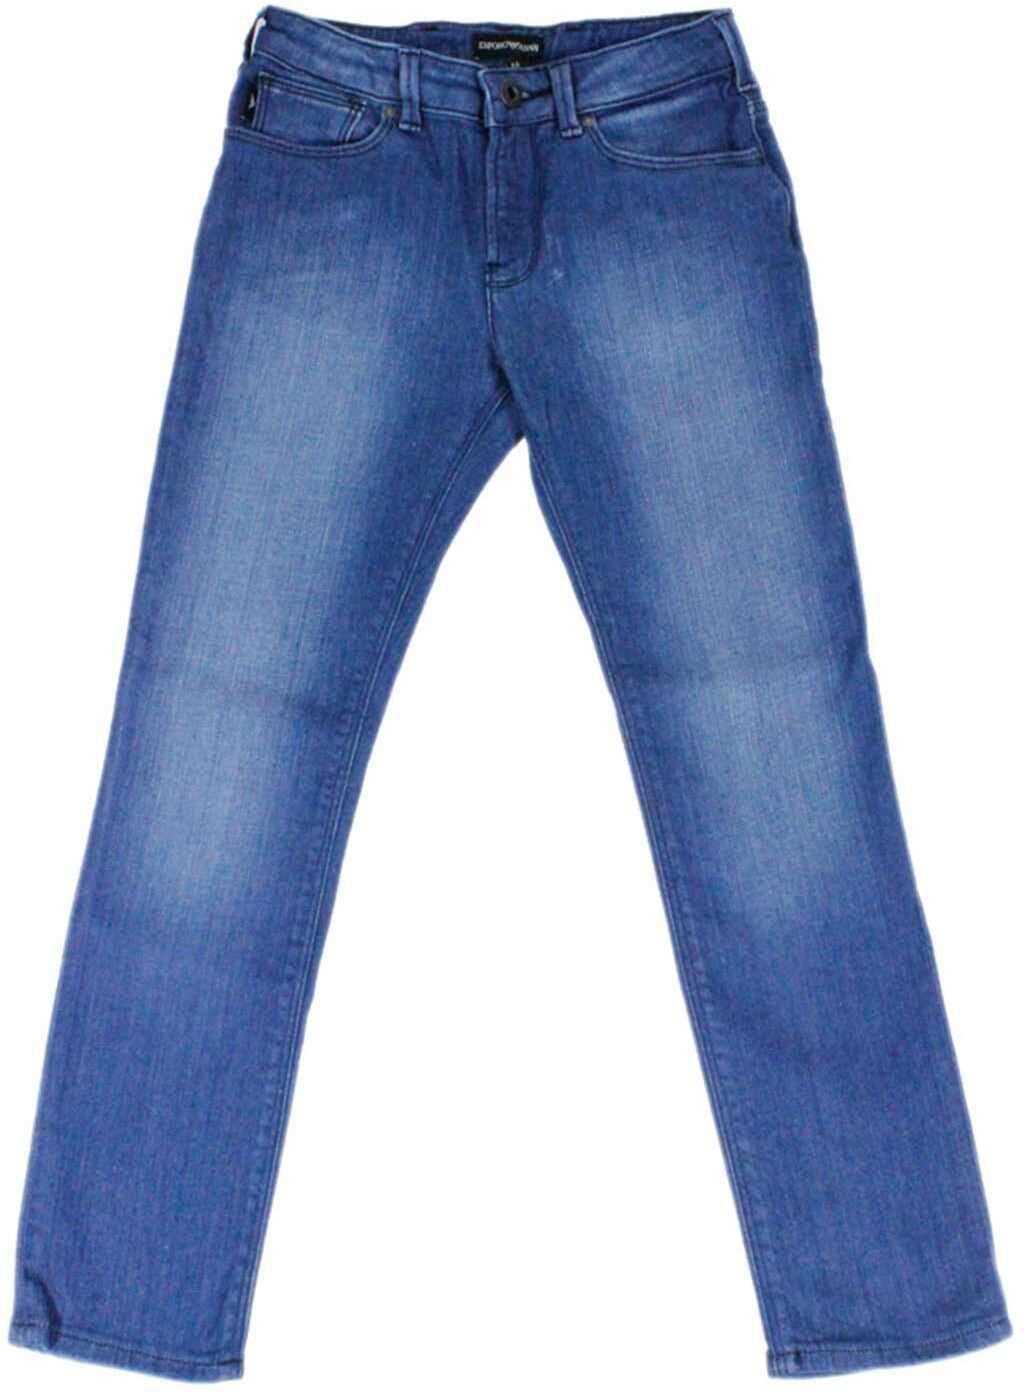 Emporio Armani Faded Jeans In Blue Blue